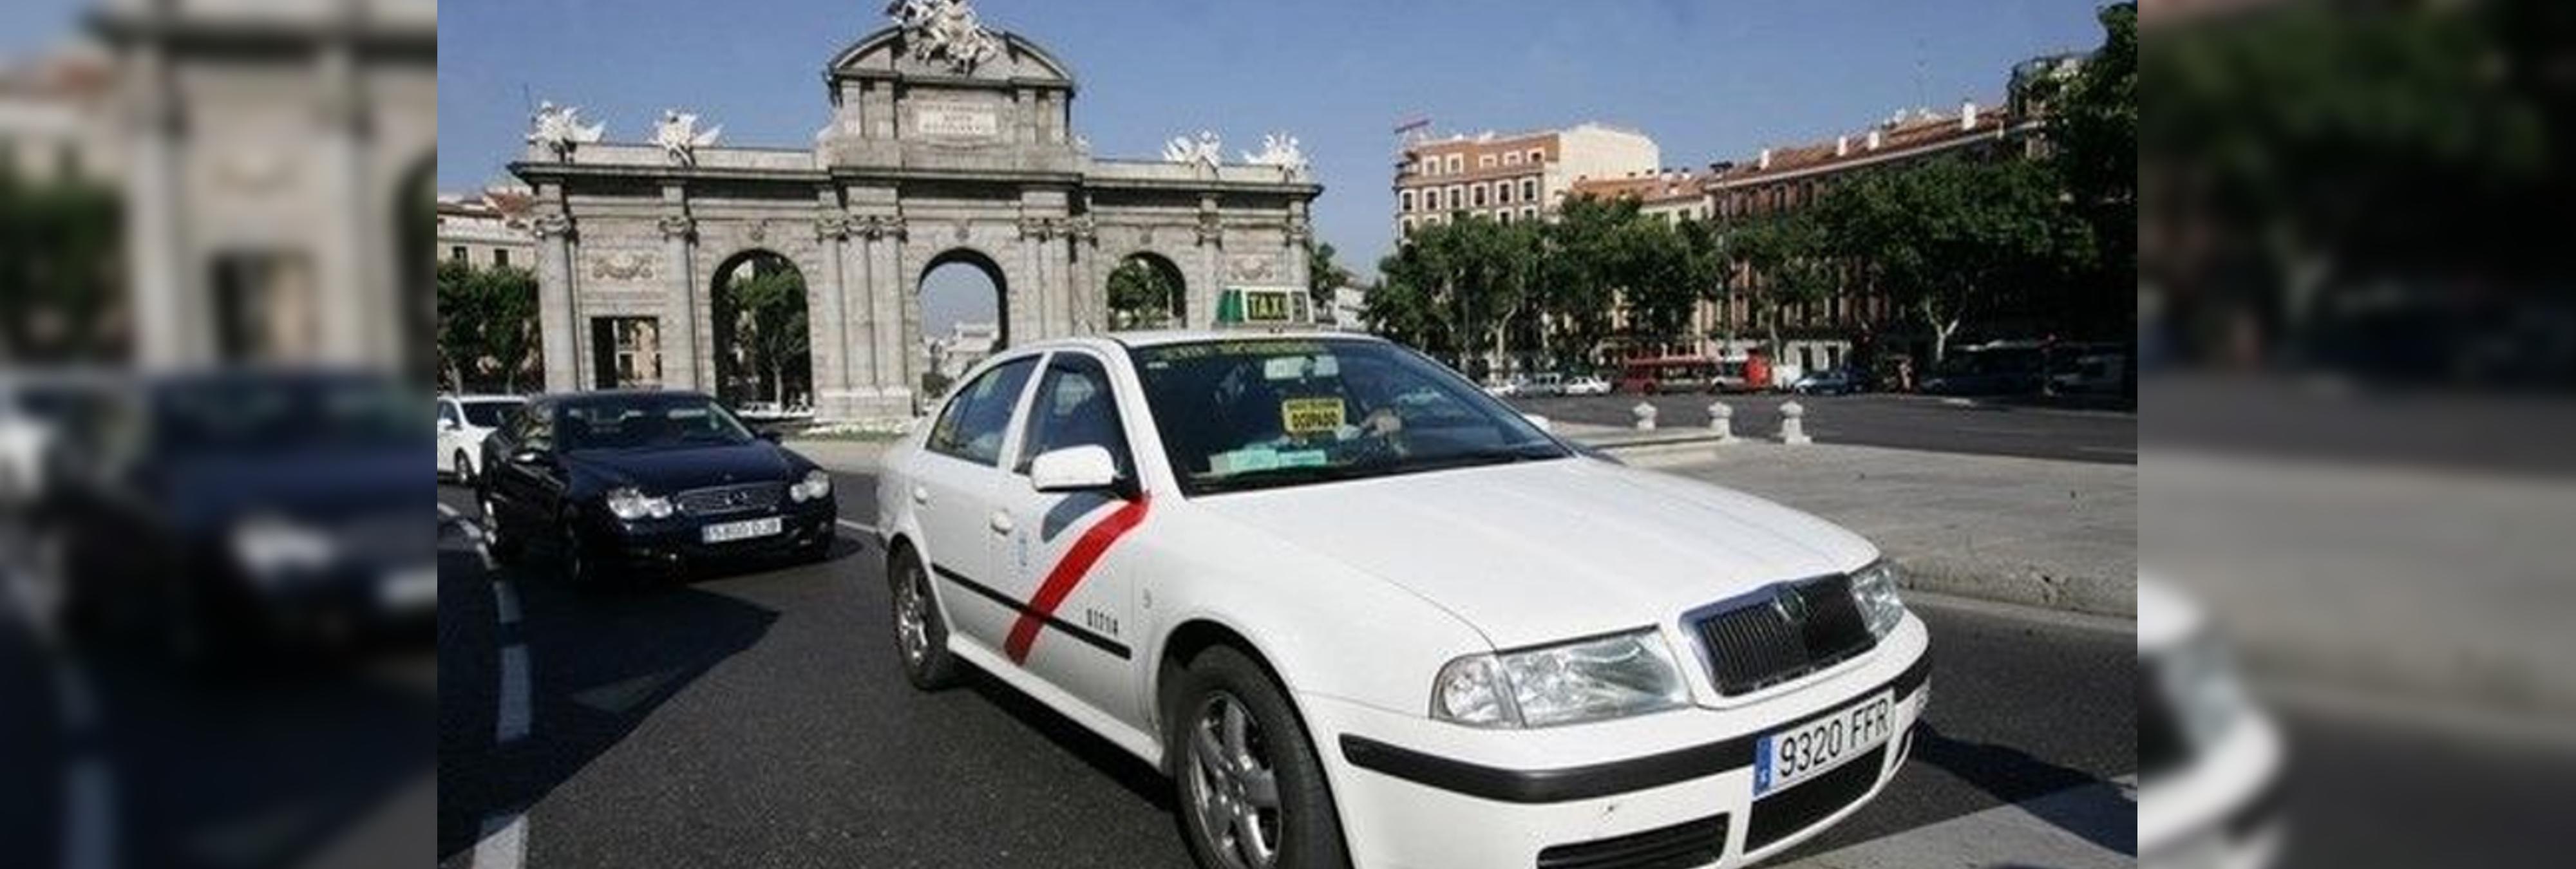 Resultado de imagen de taxista drogandose